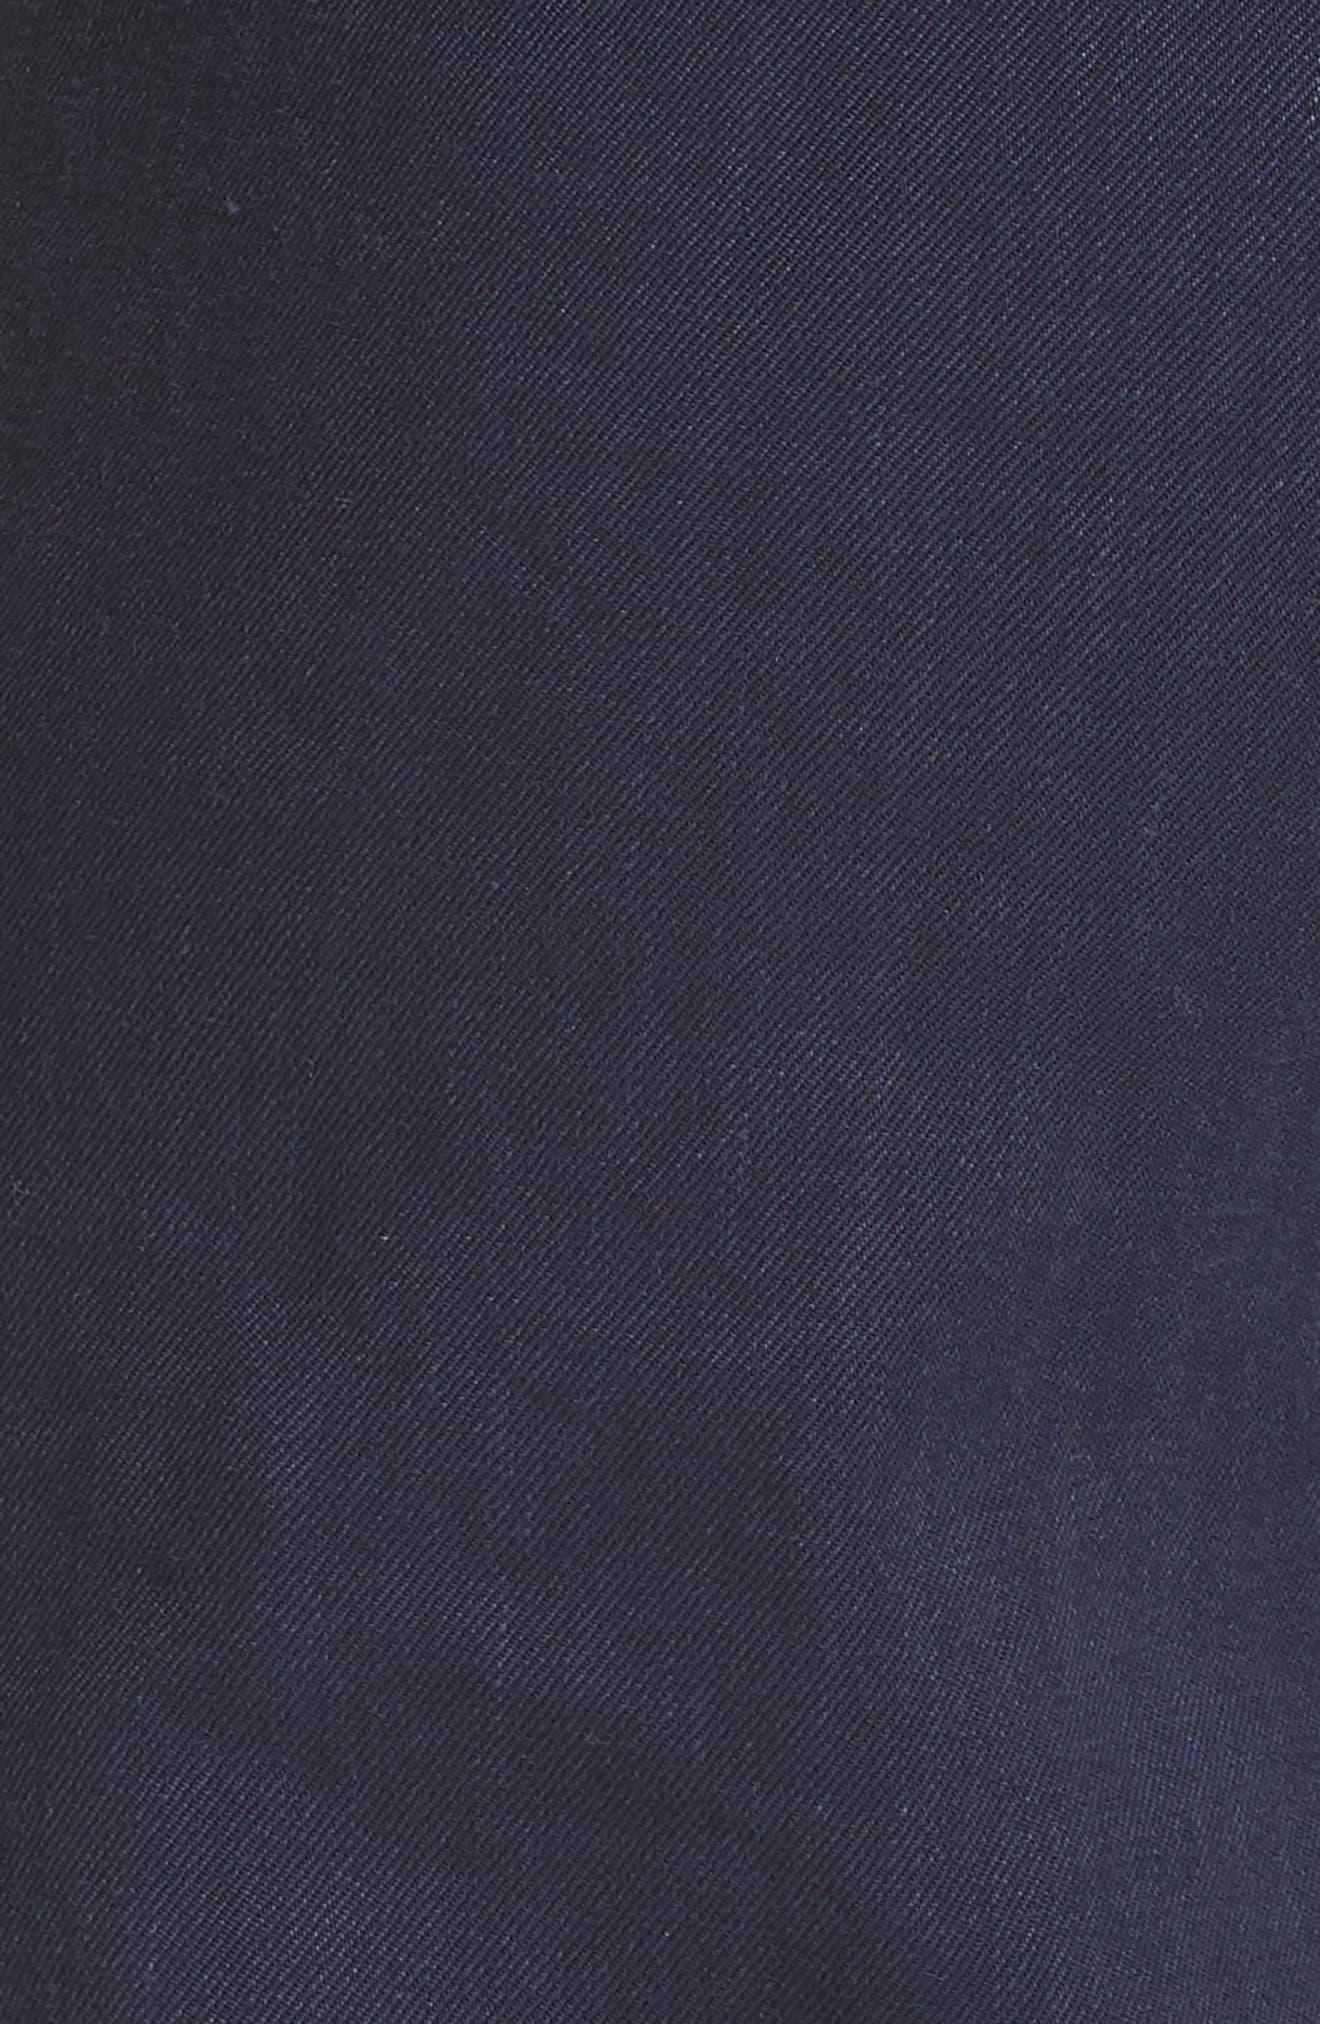 Diane von Furstenberg Pleat Front Flare Stretch Linen Blend Pants,                             Alternate thumbnail 5, color,                             485